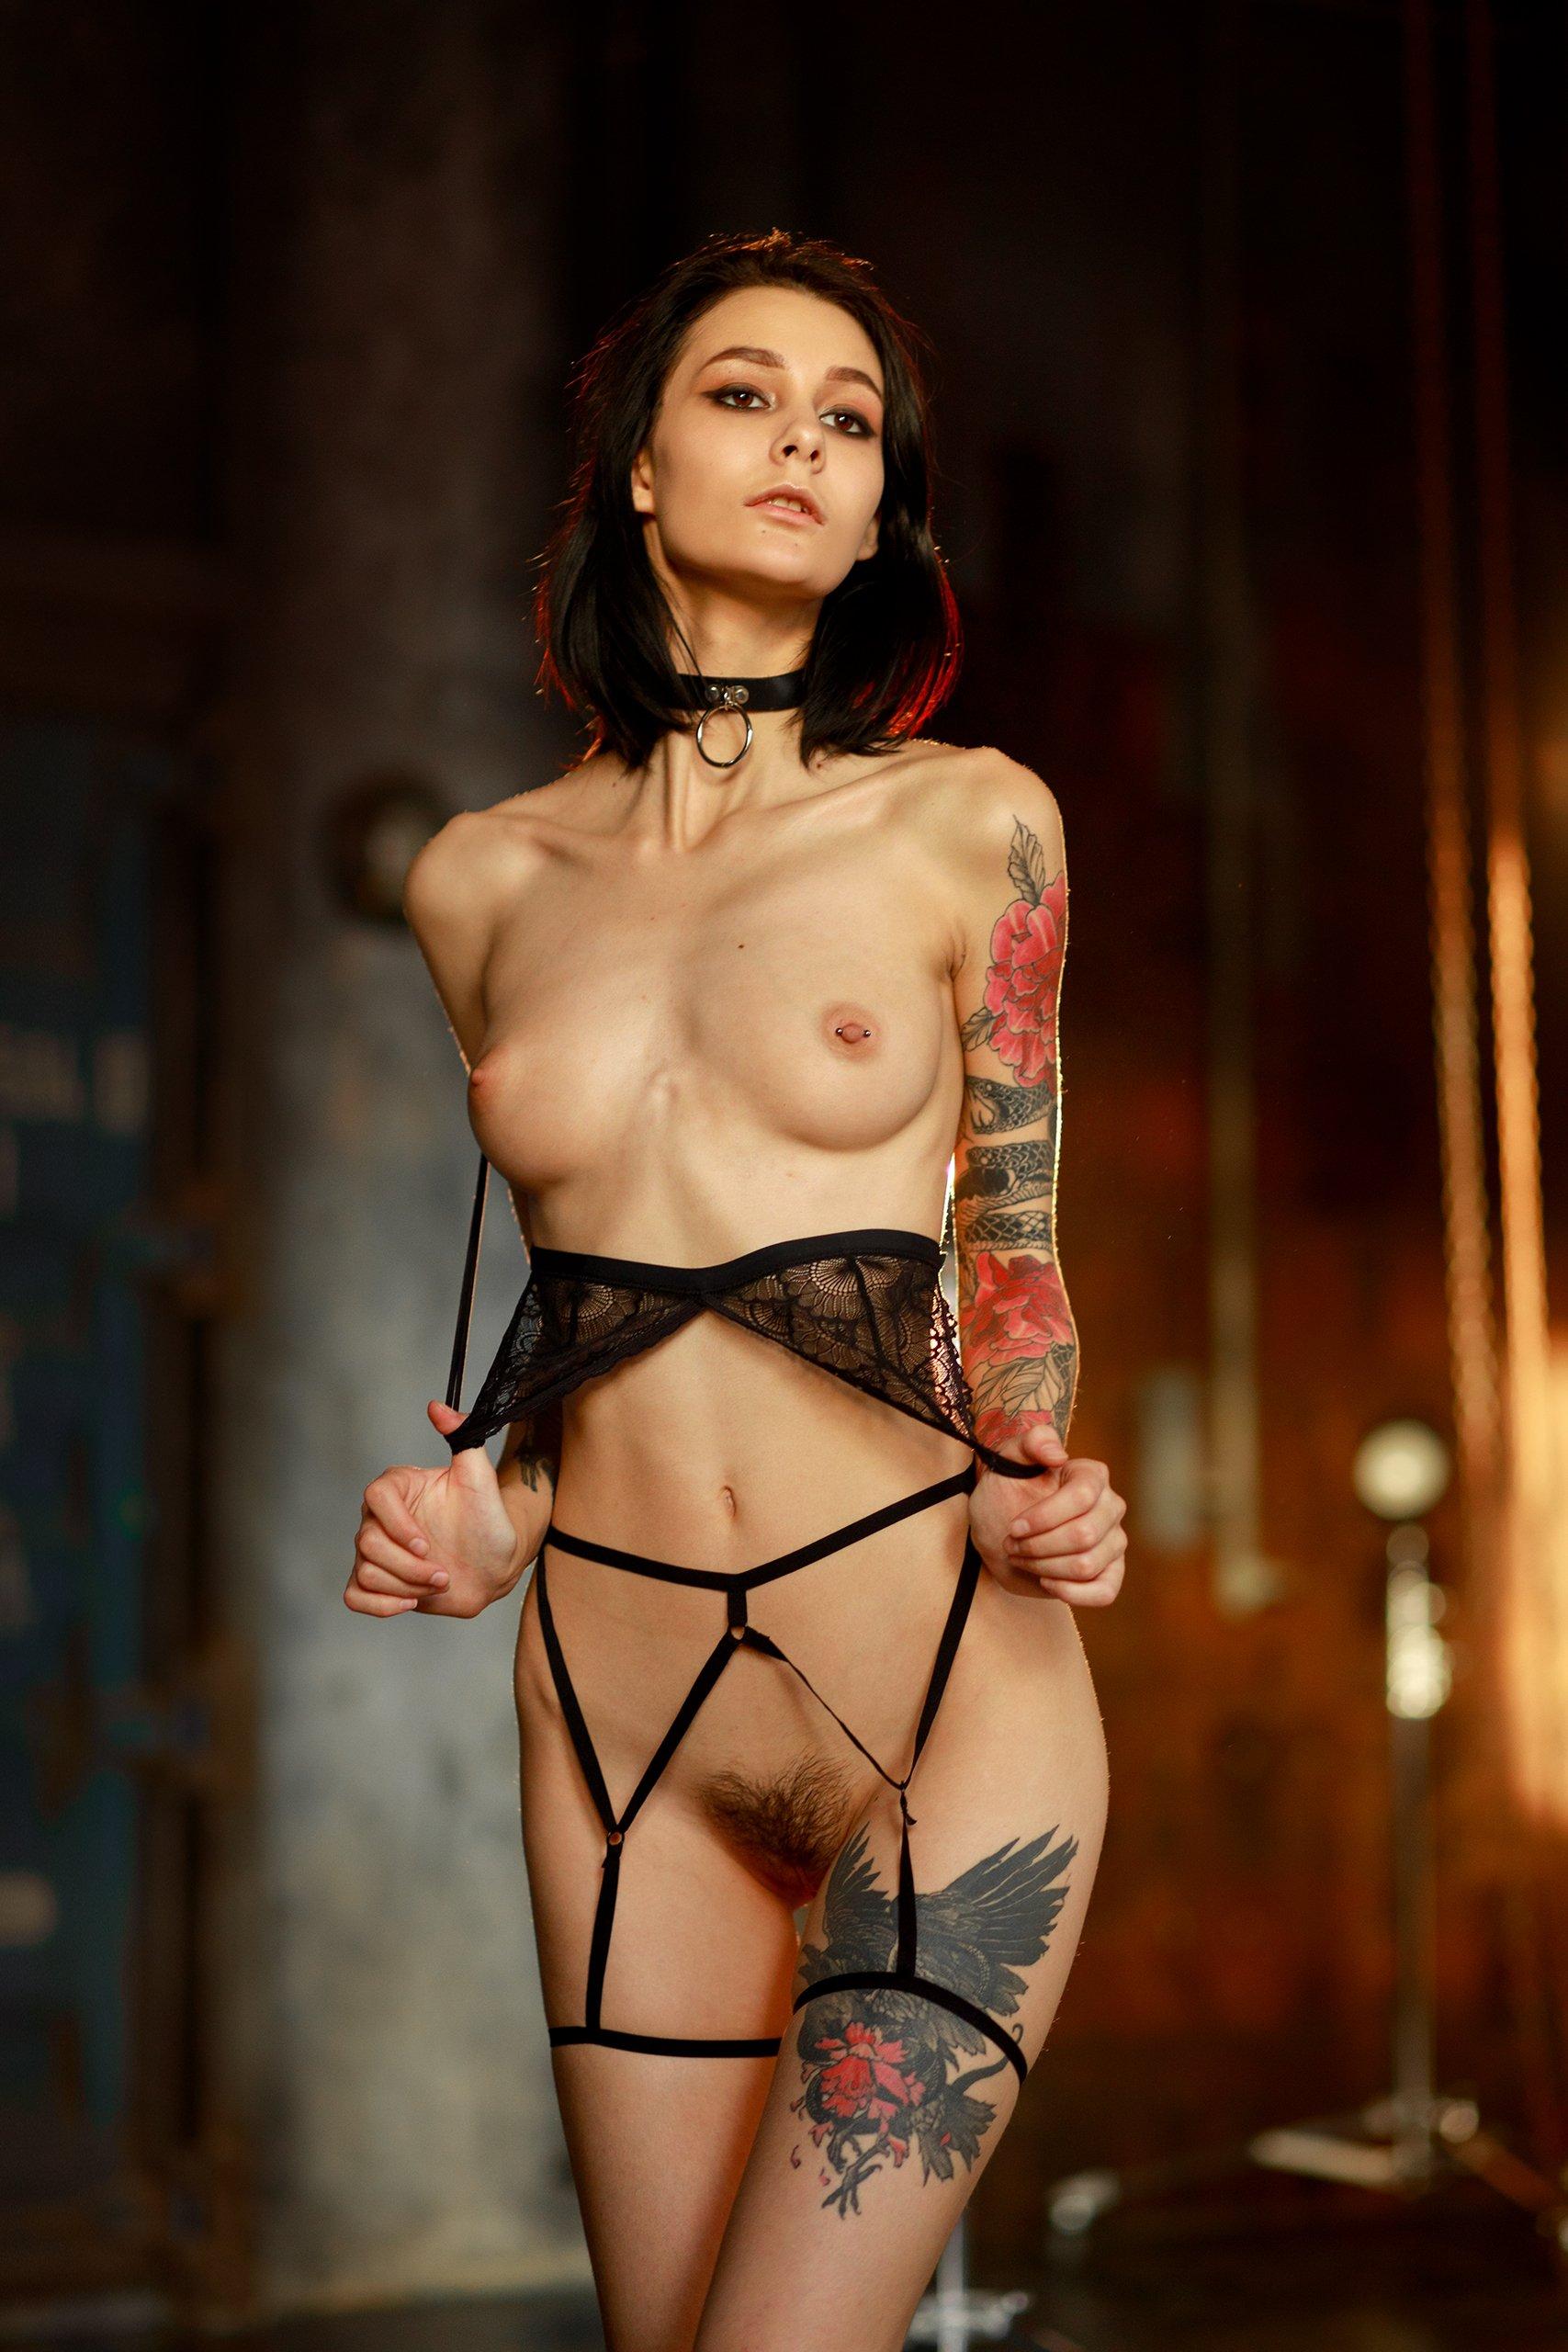 ню, nude, портрет, 85mm, Игорь Куприянов